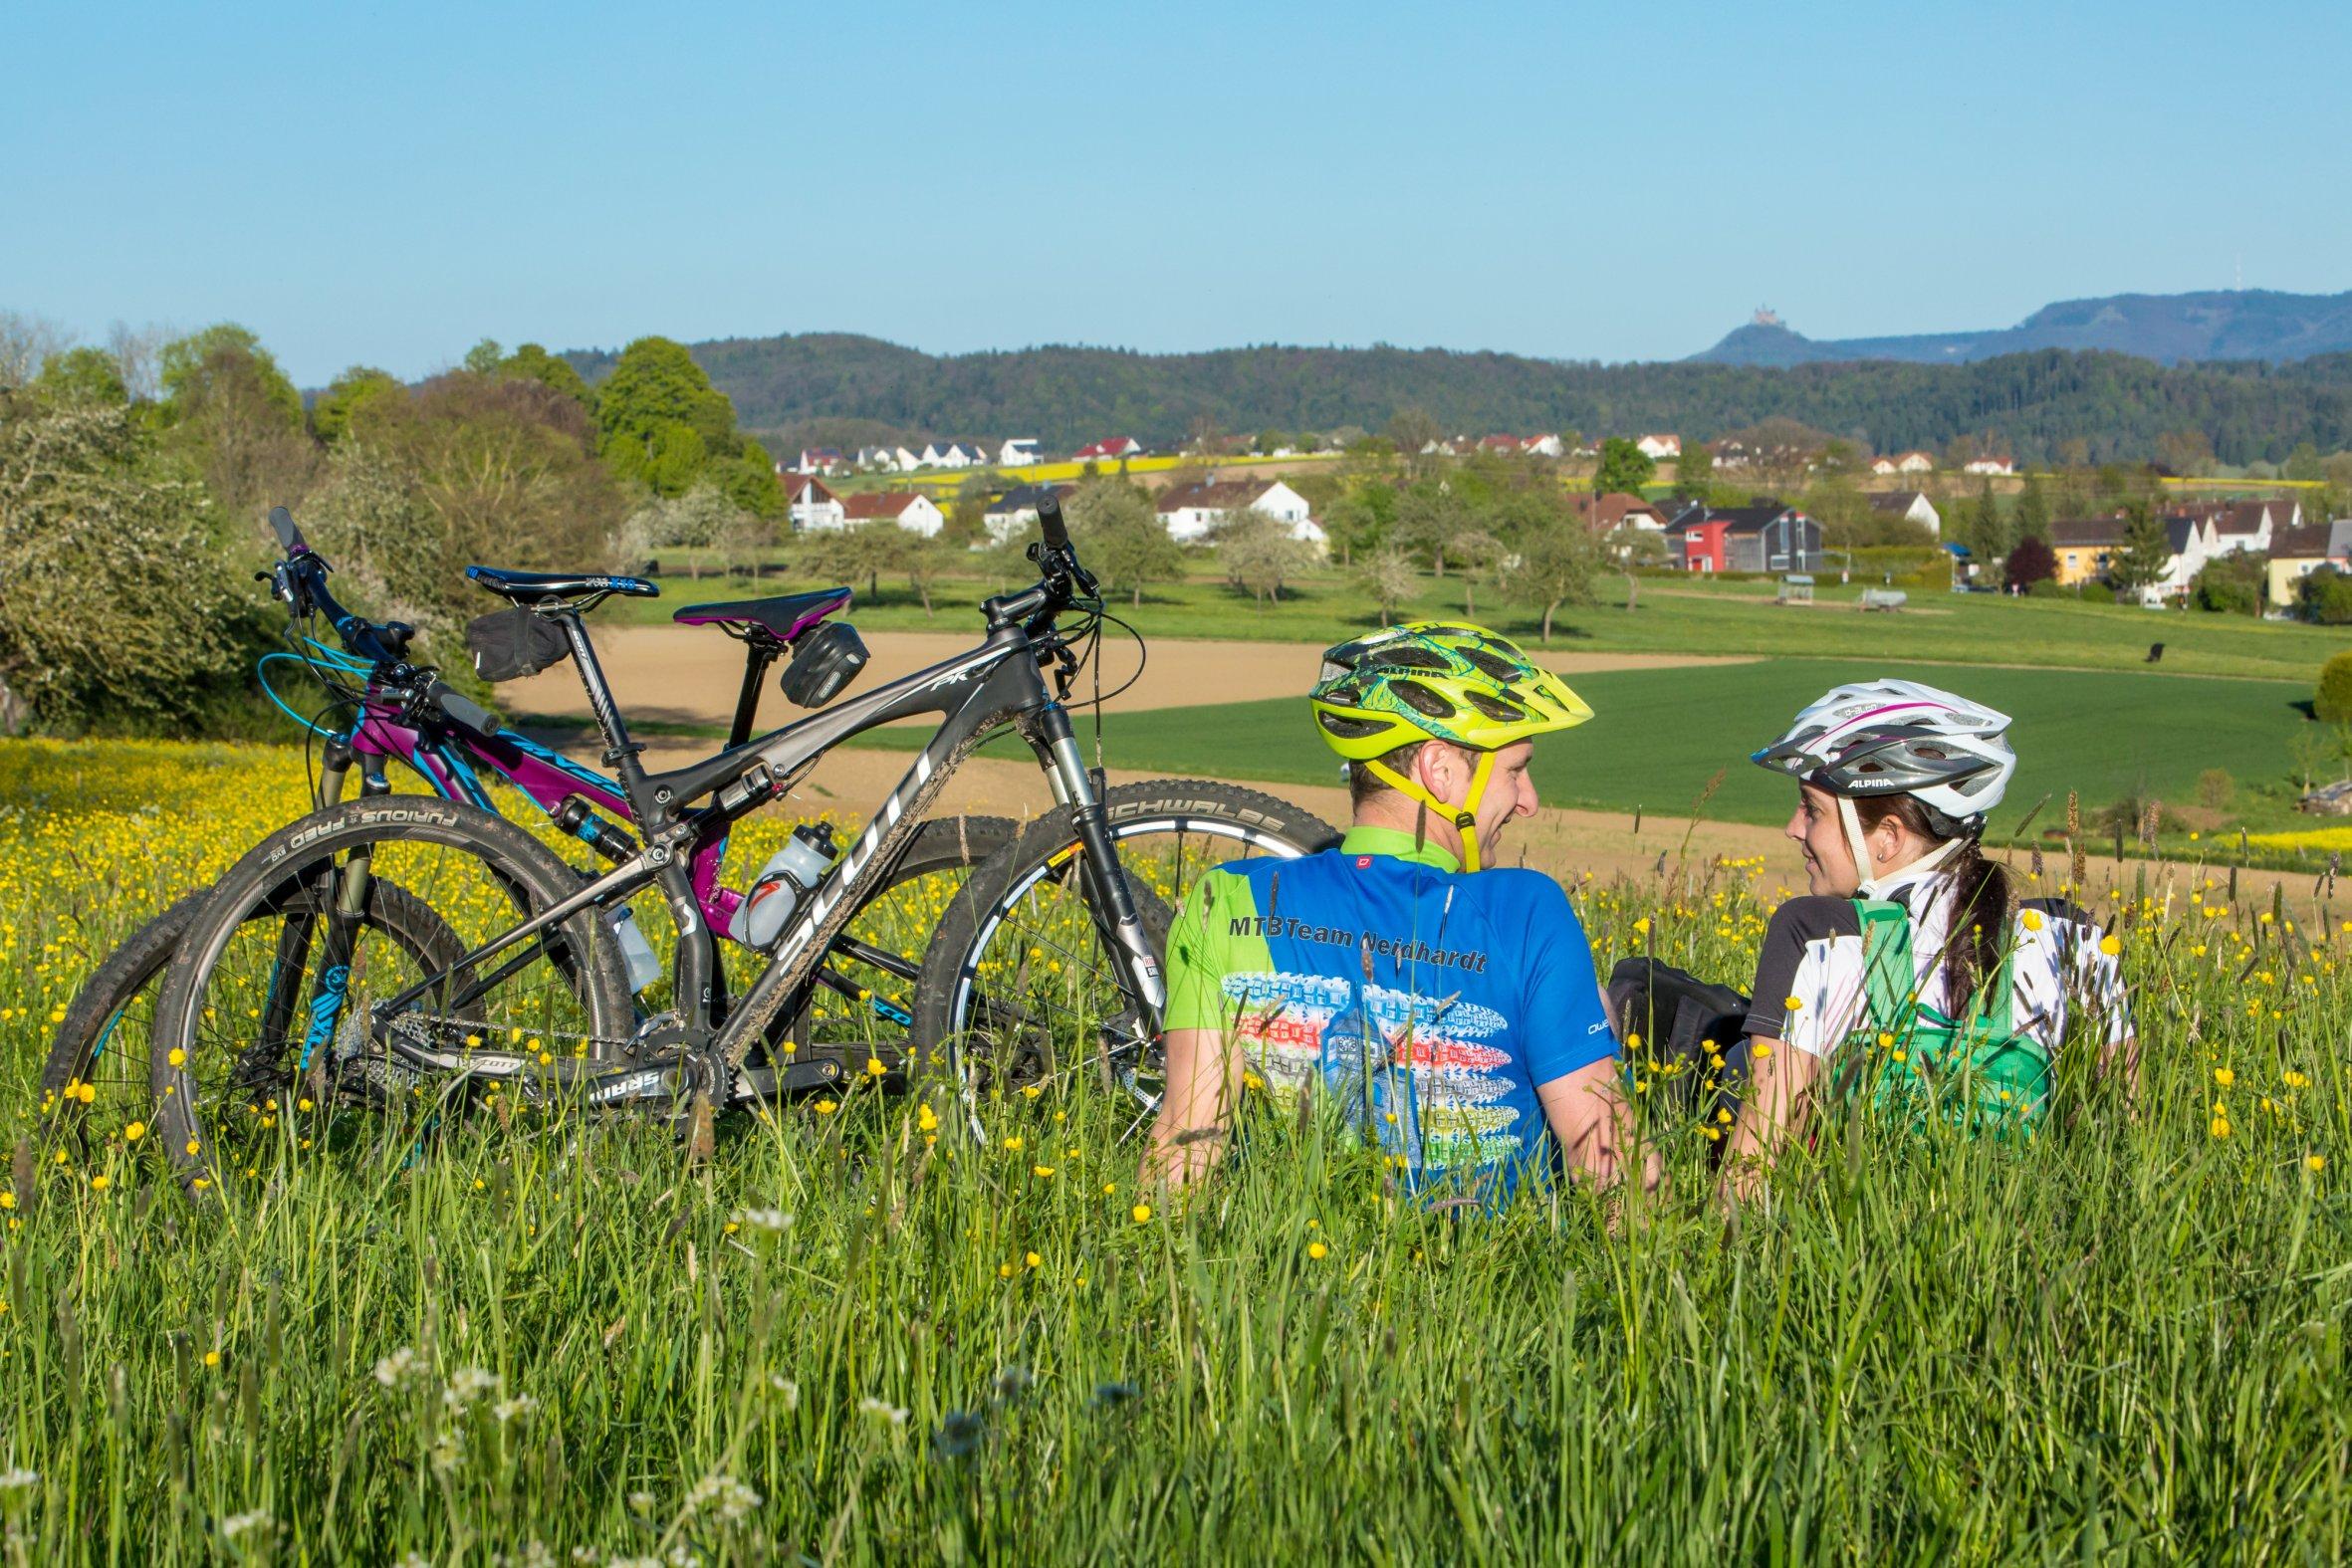 Zwei Radfahrer sitzen in der Wiese bei der Rast und schauen sich an. Nebenan die Fahrräder und im Hintergrund das Albpanorama mit Burg Hohenzollern